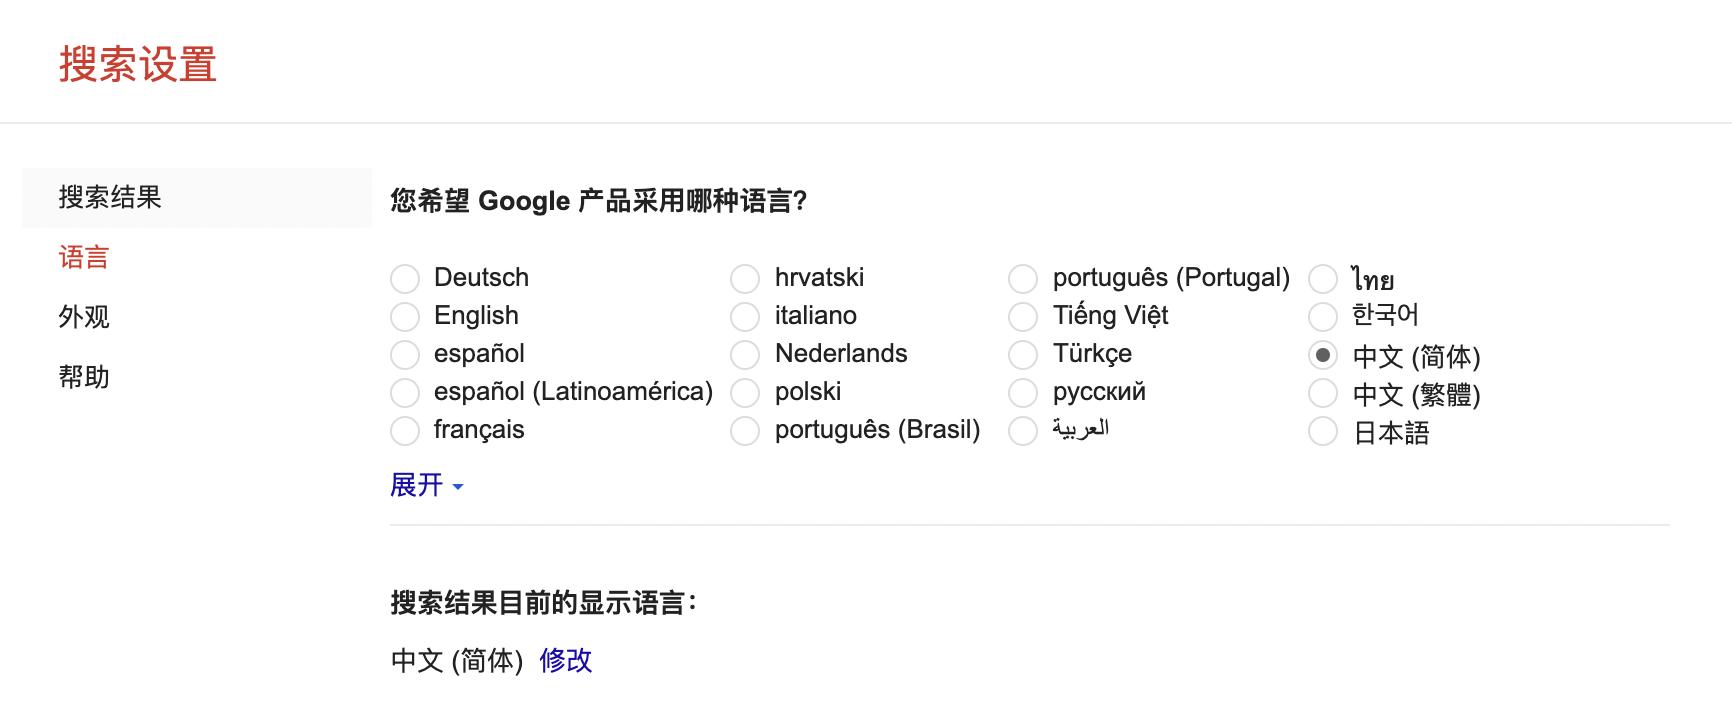 谷歌搜索设置-语言偏好-不要使用中文(简体)即可避免搜不到敏感内容的尴尬